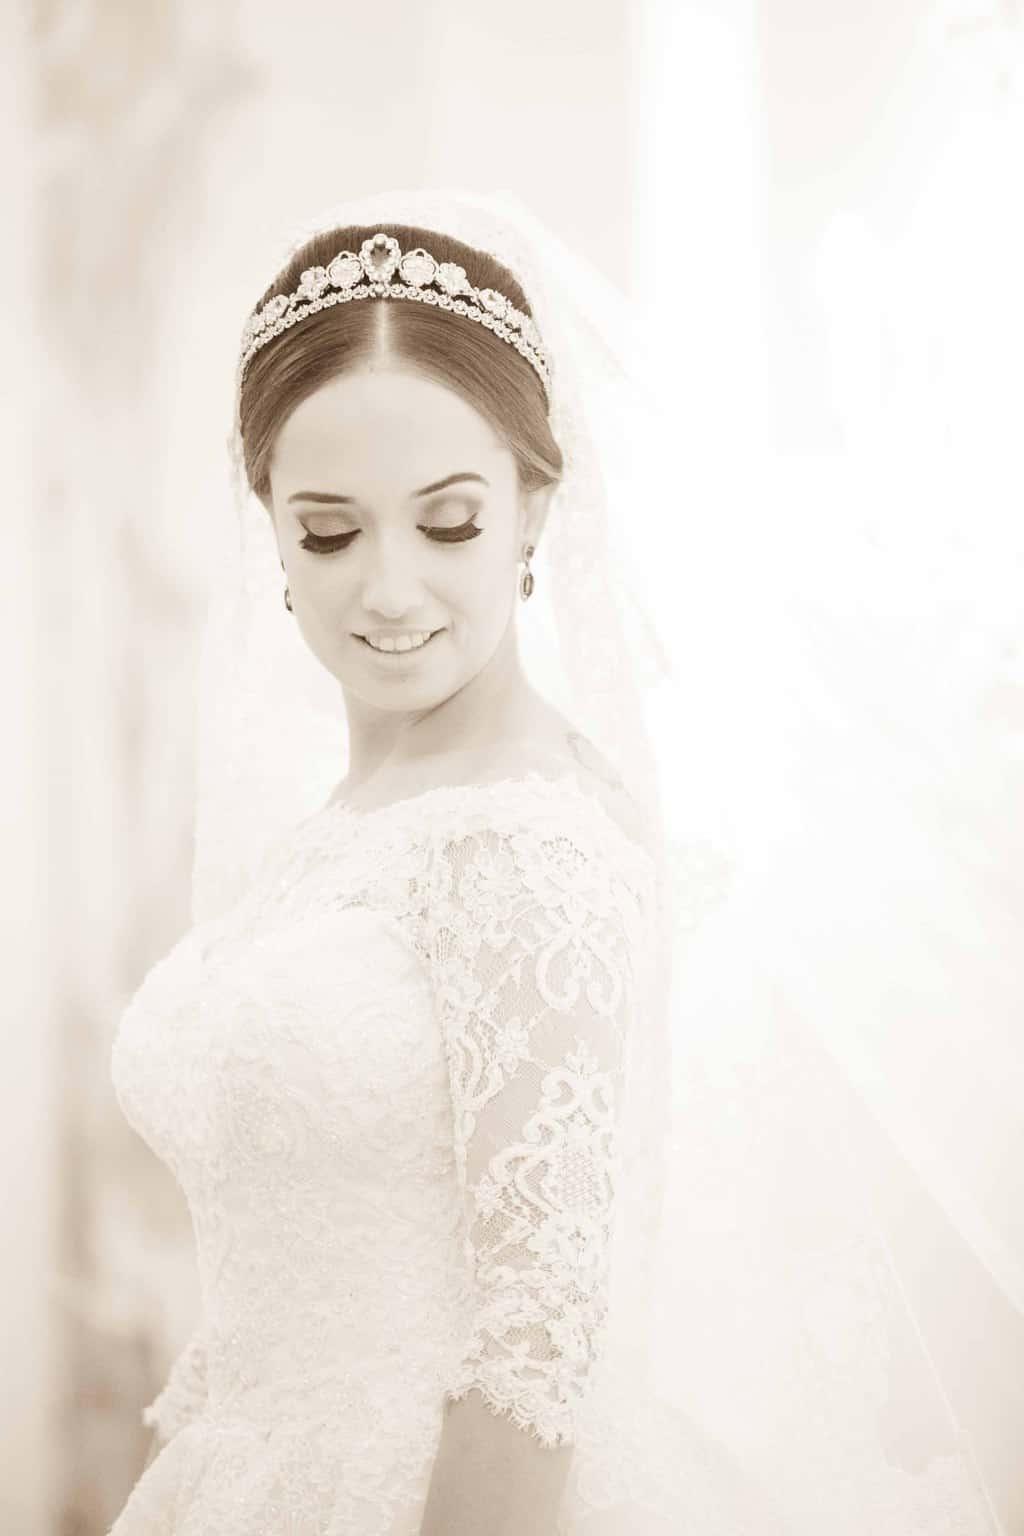 Casamento-Clássico-Casamento-tradicional-Copacabana-Palace-Monica-Roias-Poses-noiva-Ribas-Foto-e-Vídeo-Silvio-Cruz-Tuanny-e-Bernardo-CaseMe-6